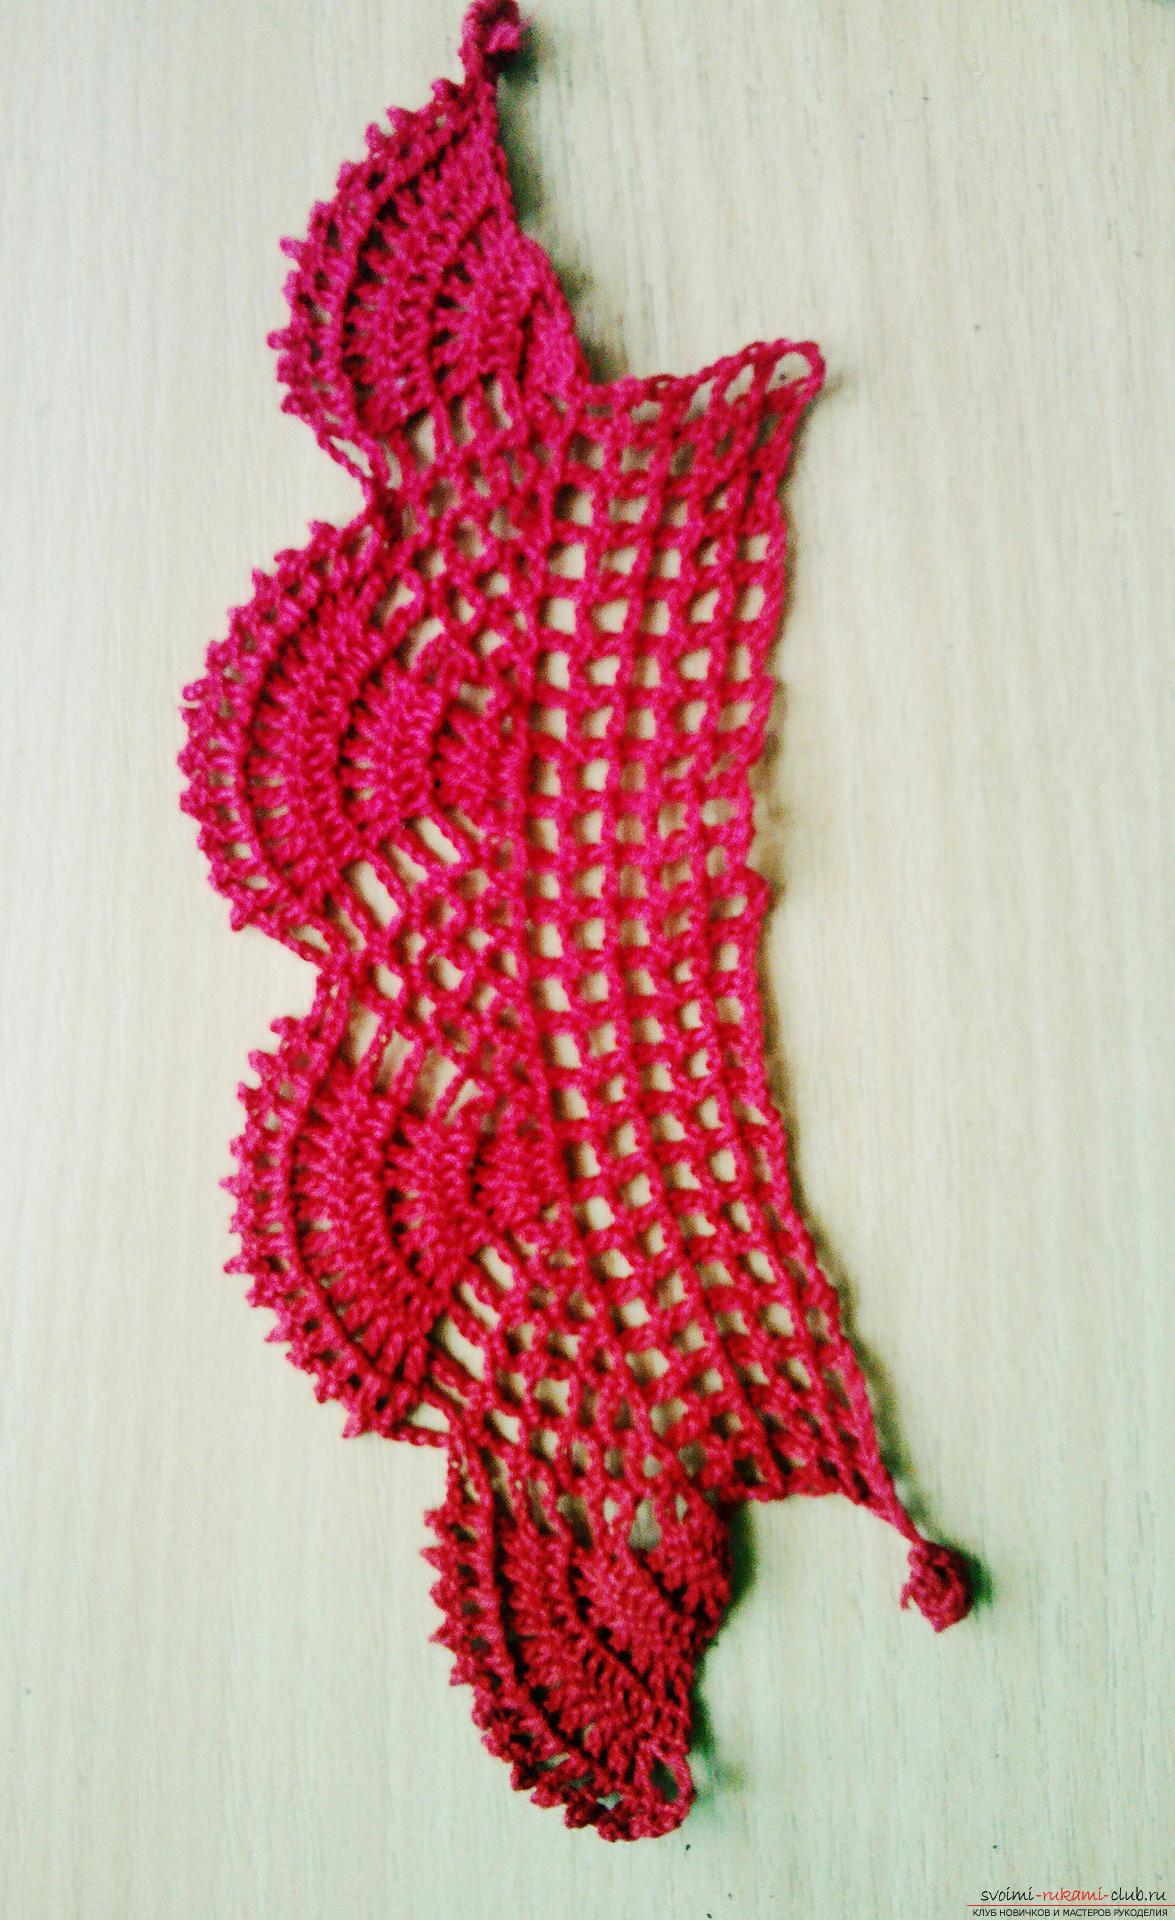 Вязаный браслет-манжета - вязание крючком для начинающих ...